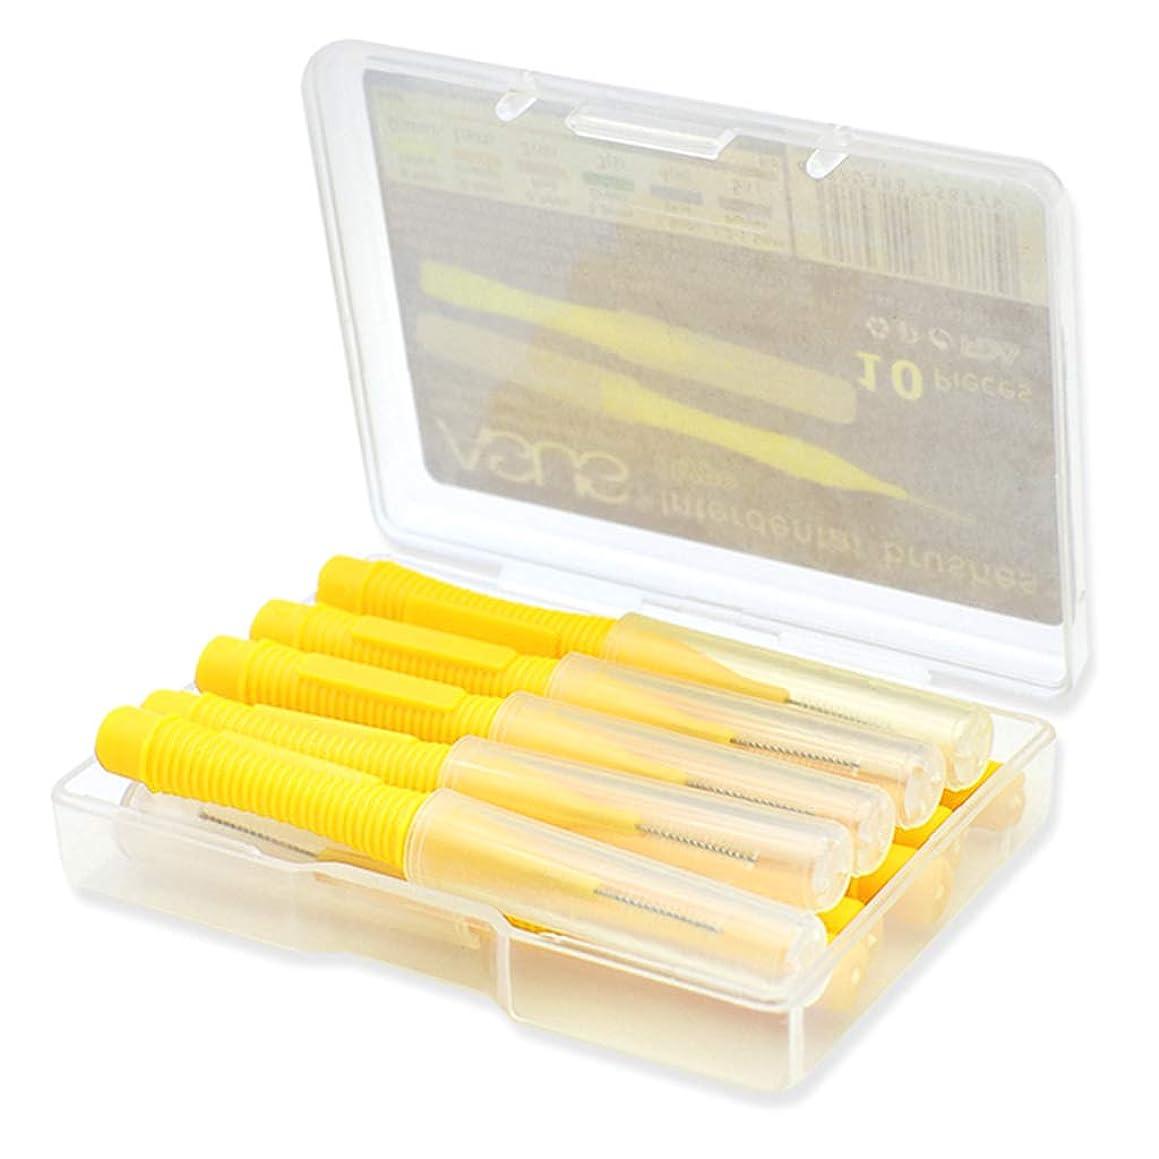 スロベニア逃げるお誕生日Yblings 10本/ロット歯間ブラシデンタルフロス歯オーラルクリーンつまようじキット0.4-1.2mm